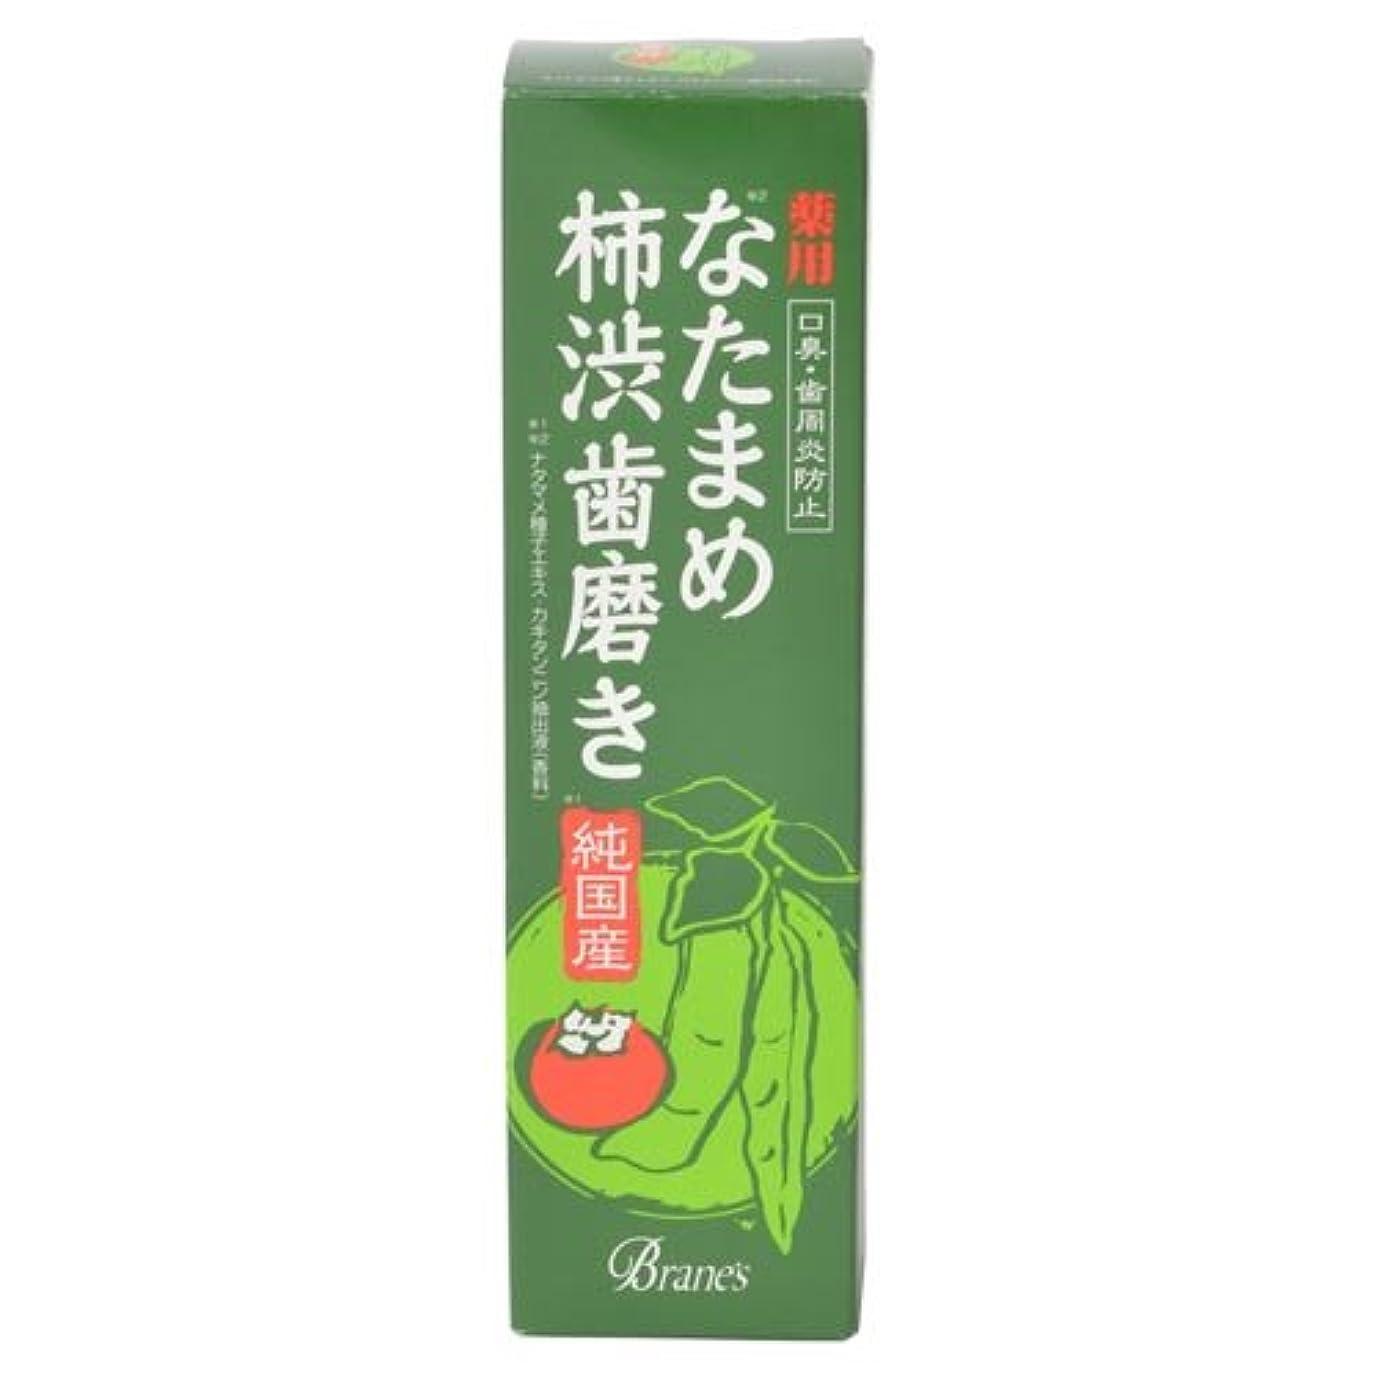 生まれ危険なアナロジー薬用なたまめ柿渋歯磨き 120g